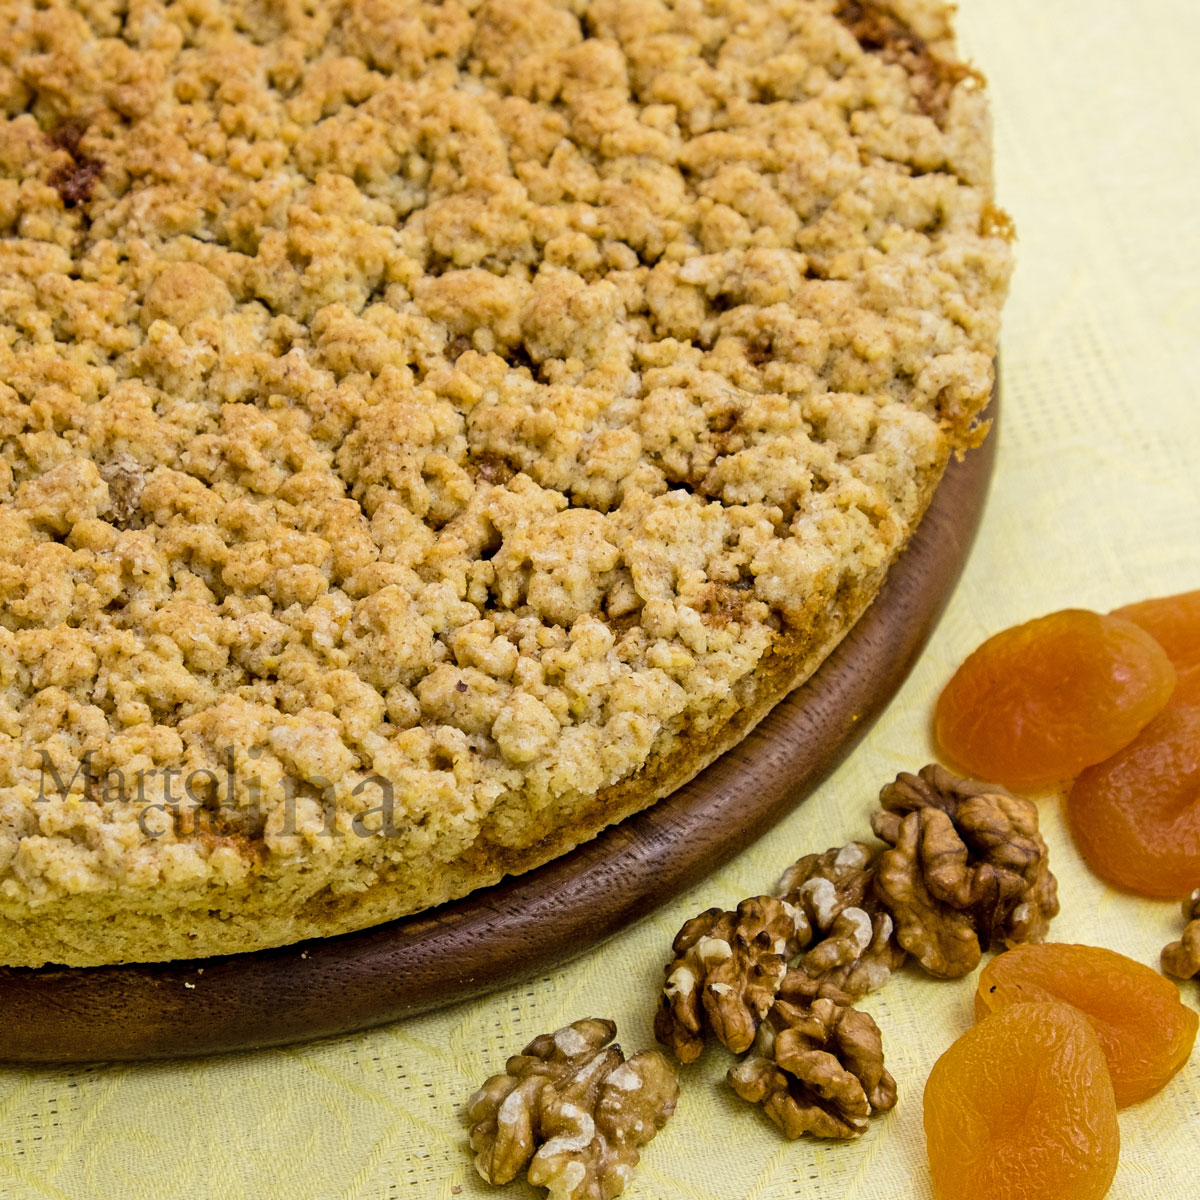 Fregolotta-integrale-con-noci-miele-e-albicocche-secche-A1200x1200